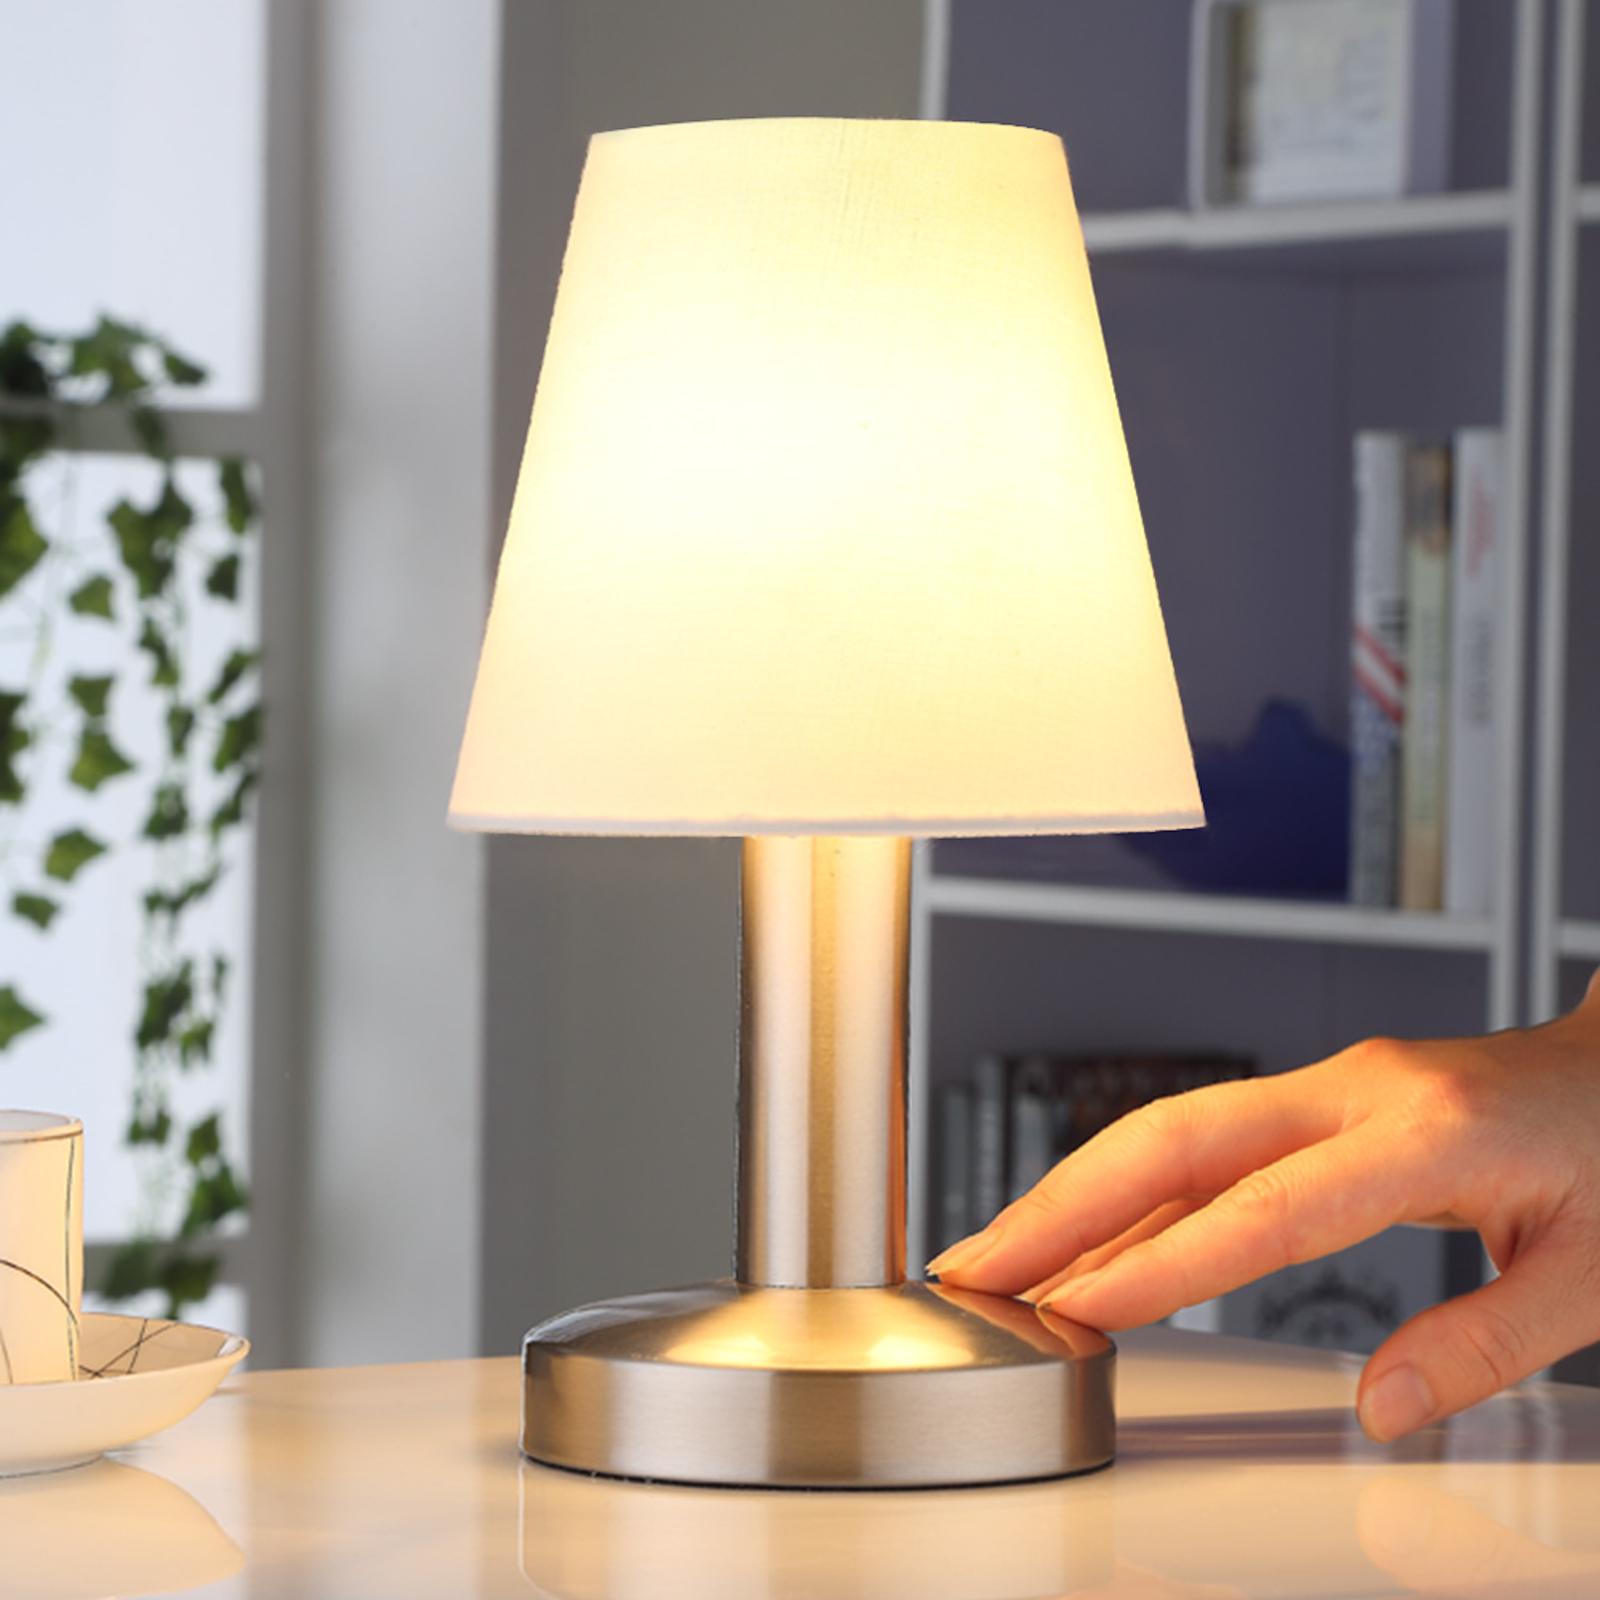 Lampka nocna Hanno z białym abażurem